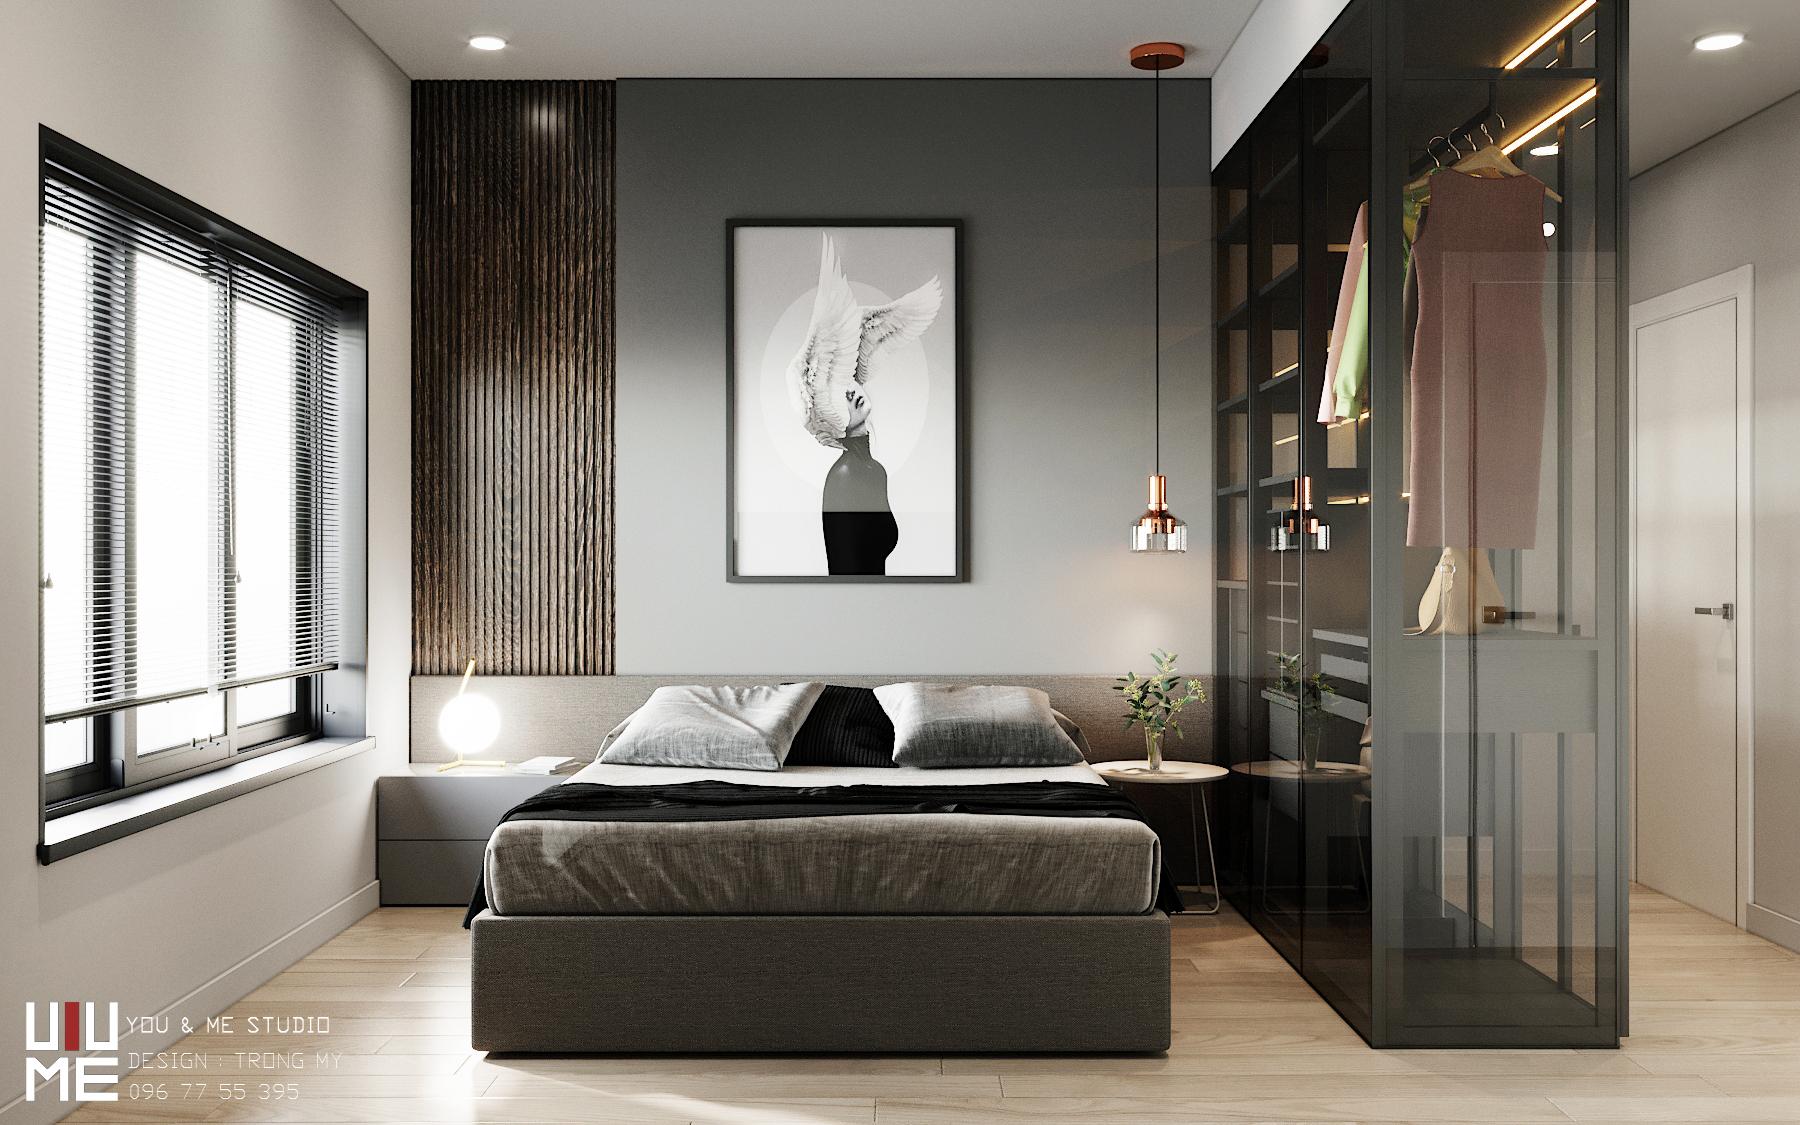 thiết kế nội thất chung cư tại Hà Nội 90 Nguyễn Tuân 8 1566362695